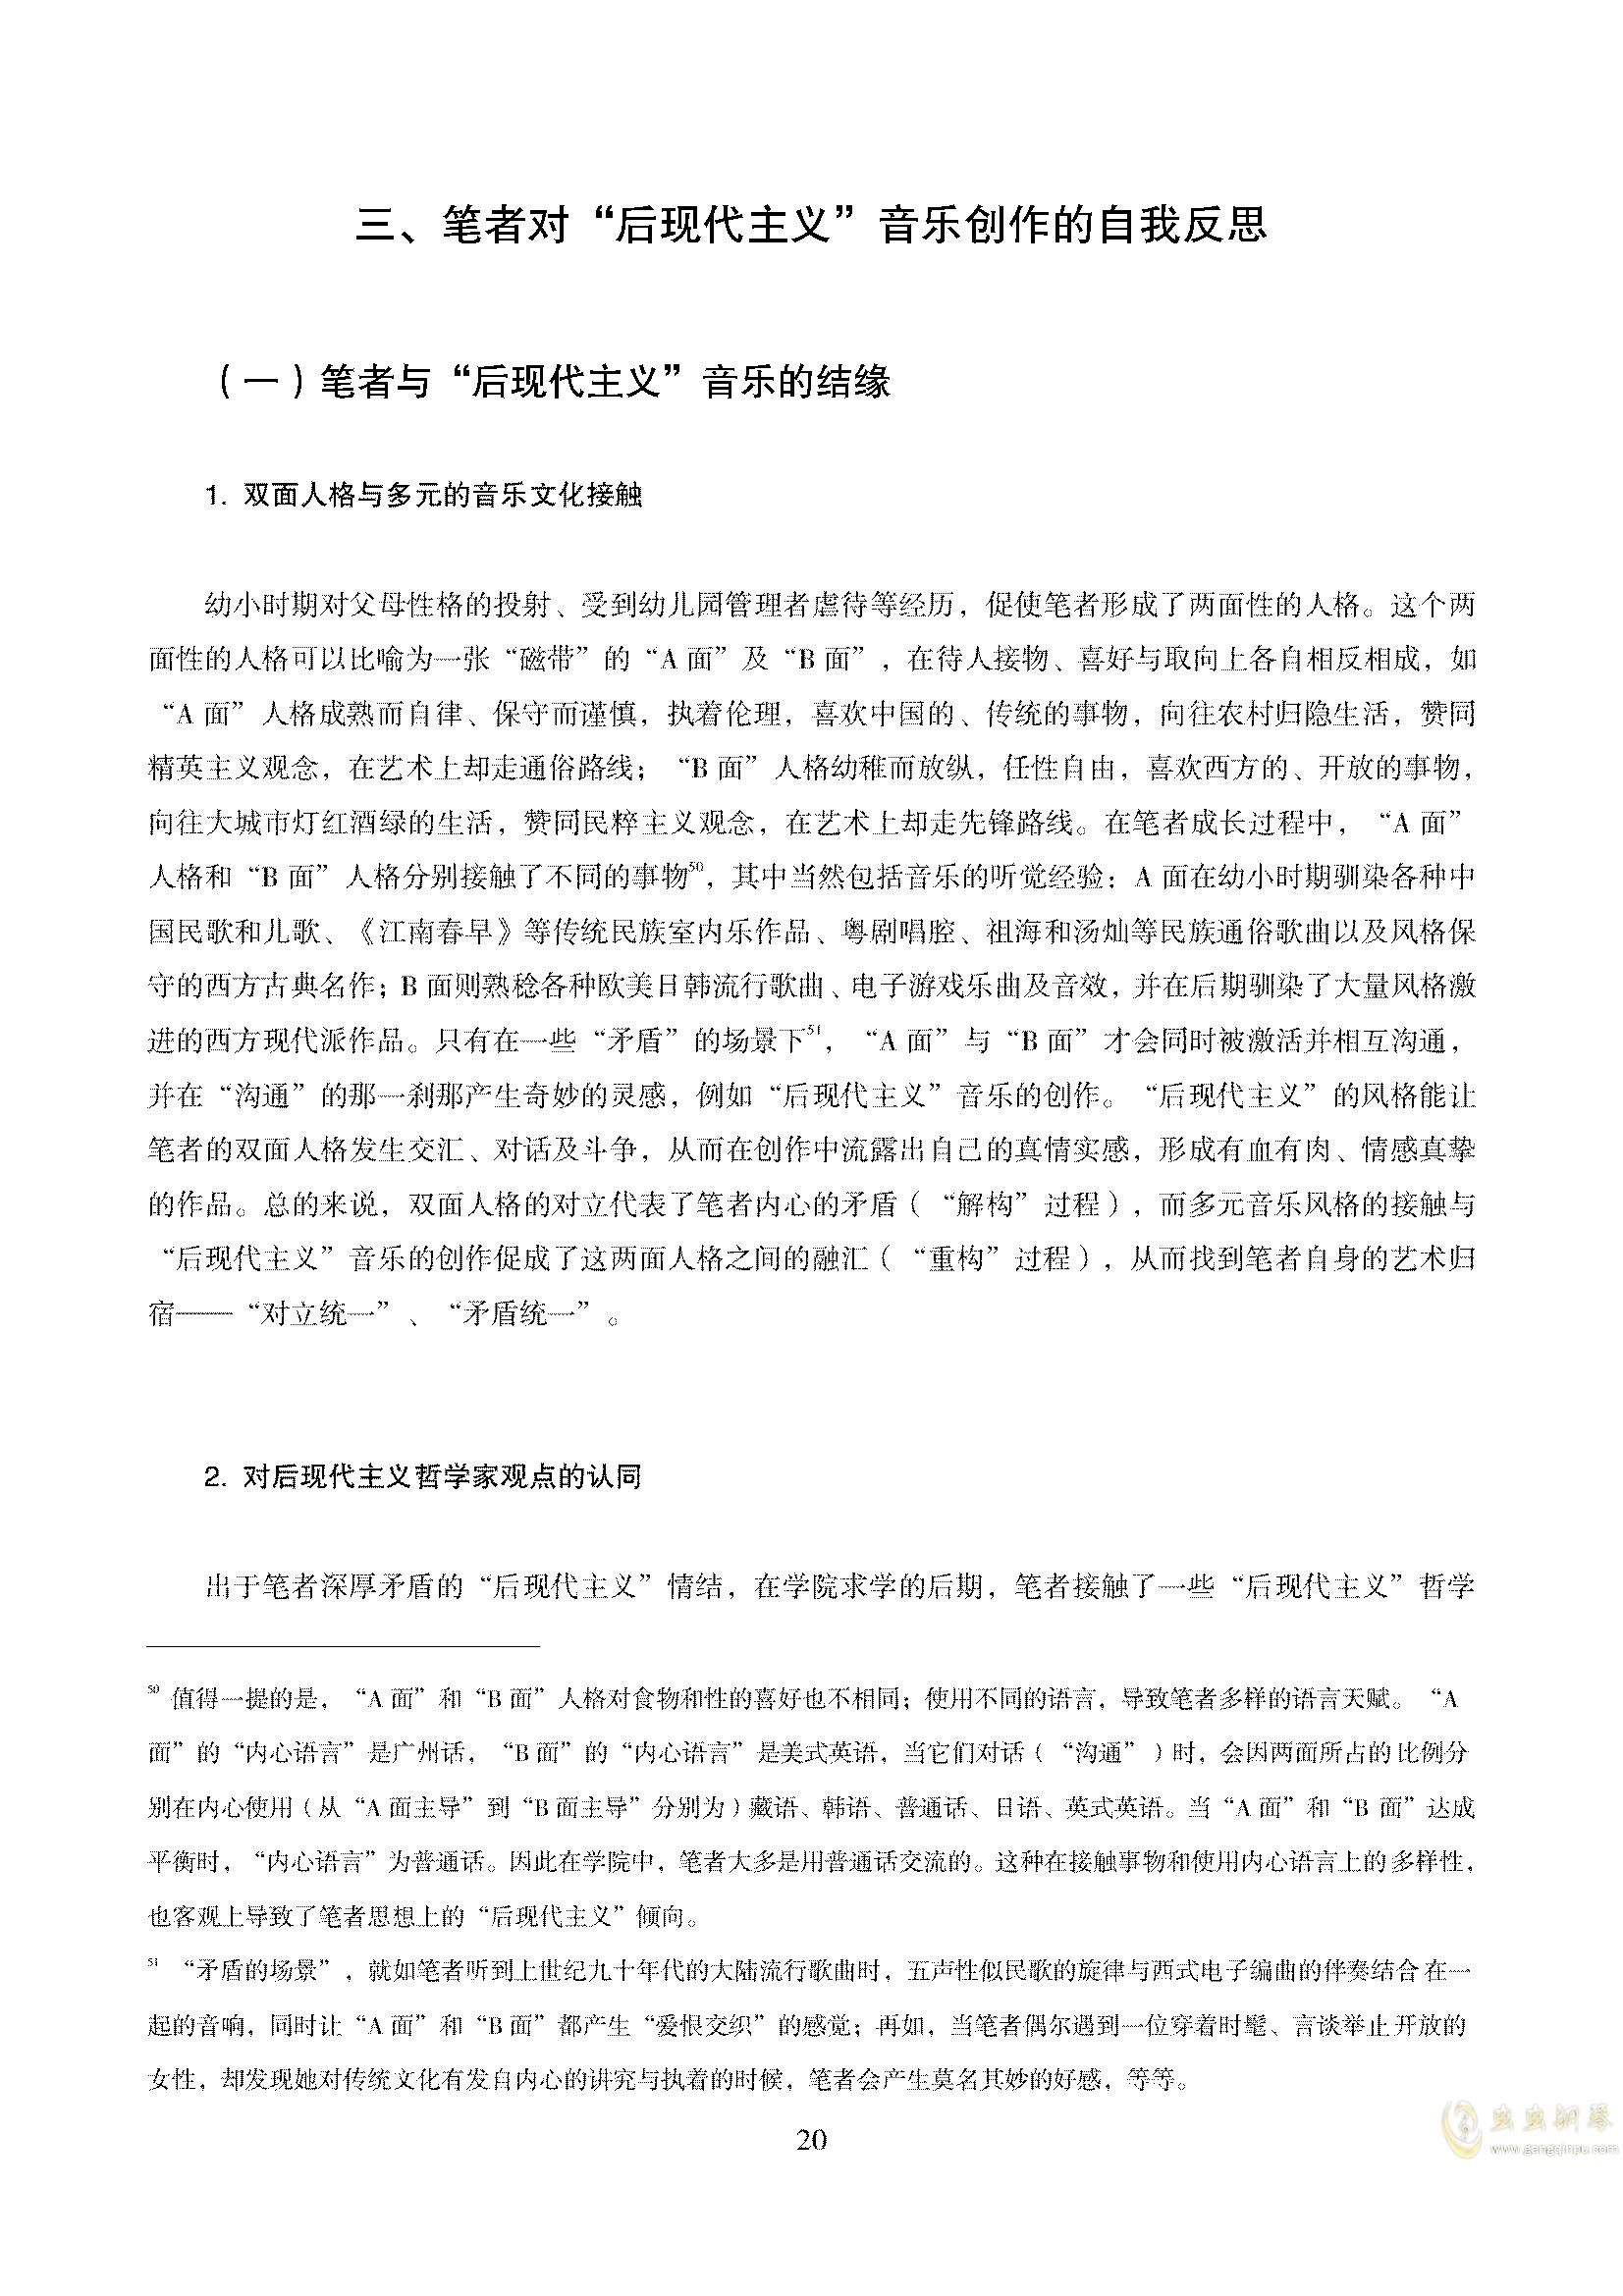 真·硕士论文ag88环亚娱乐谱 第24页